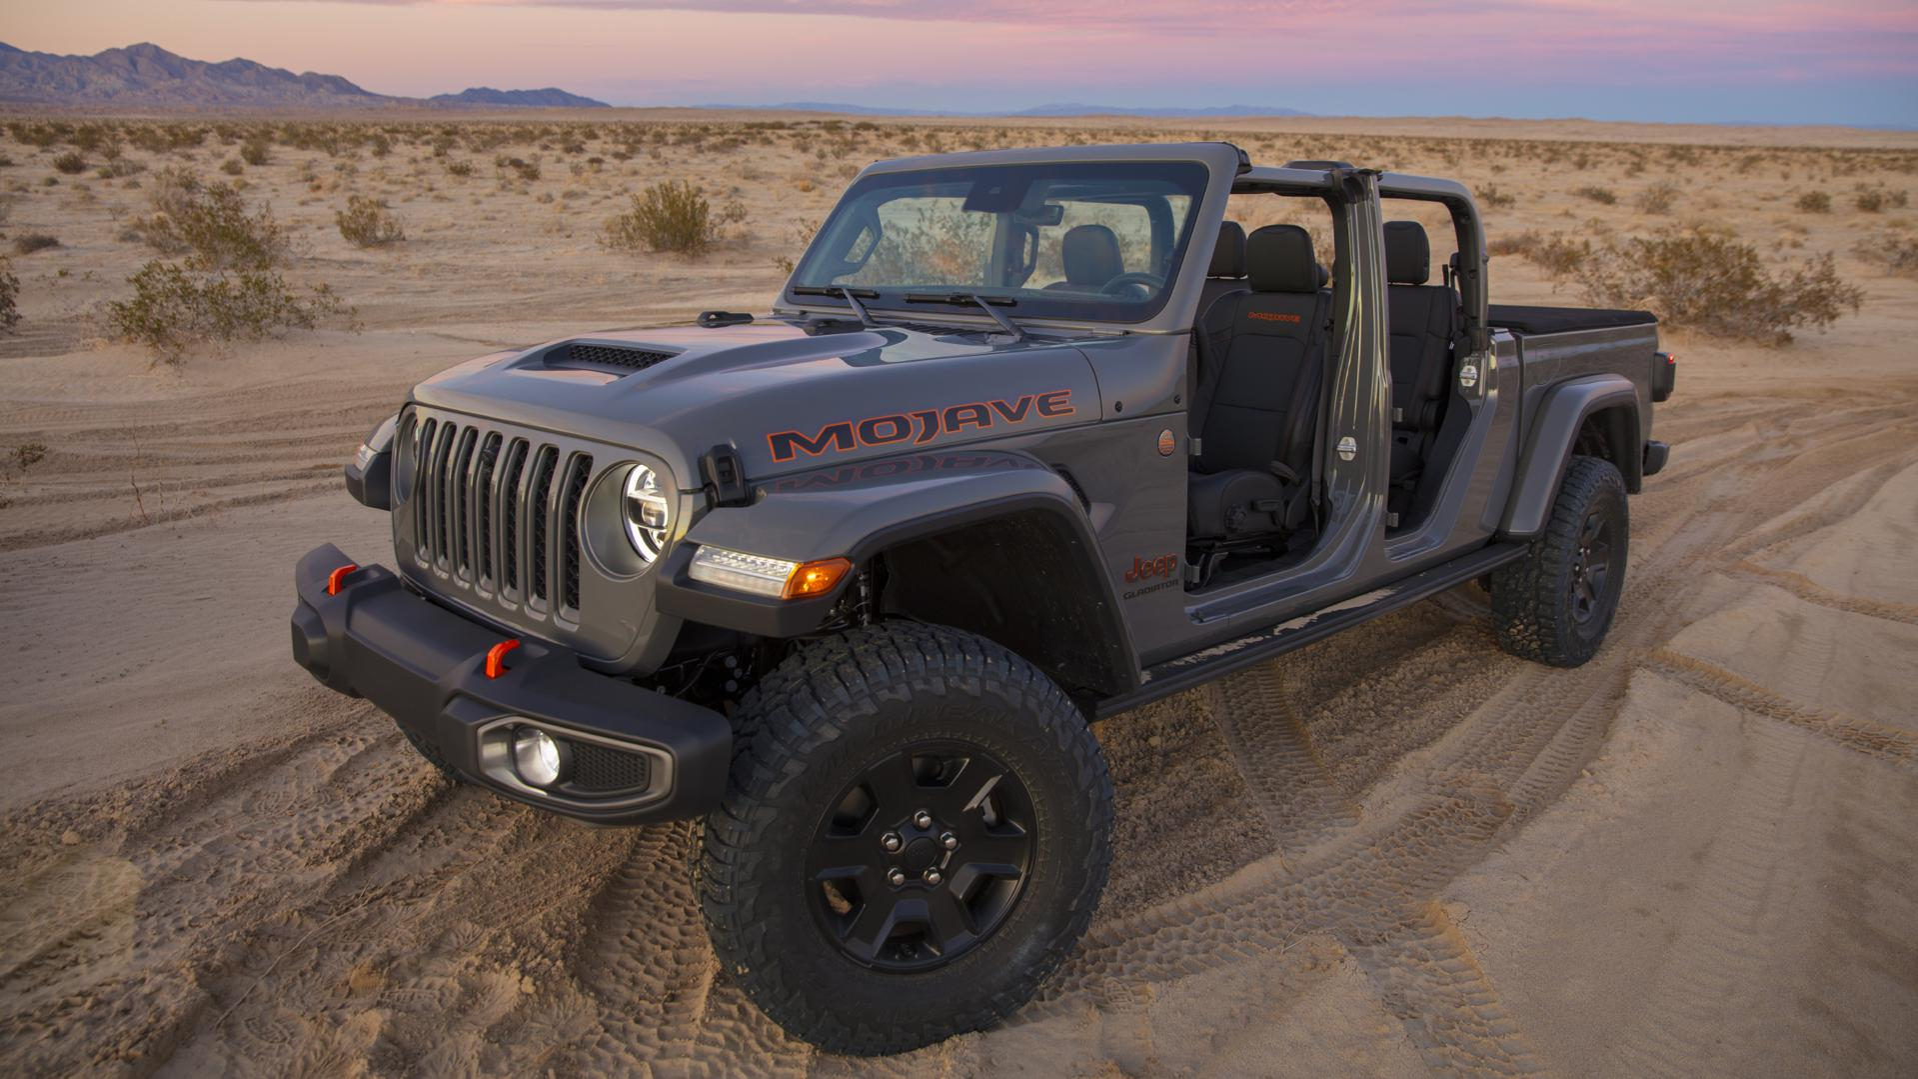 The Jeep Gladiator Mojave desert runner